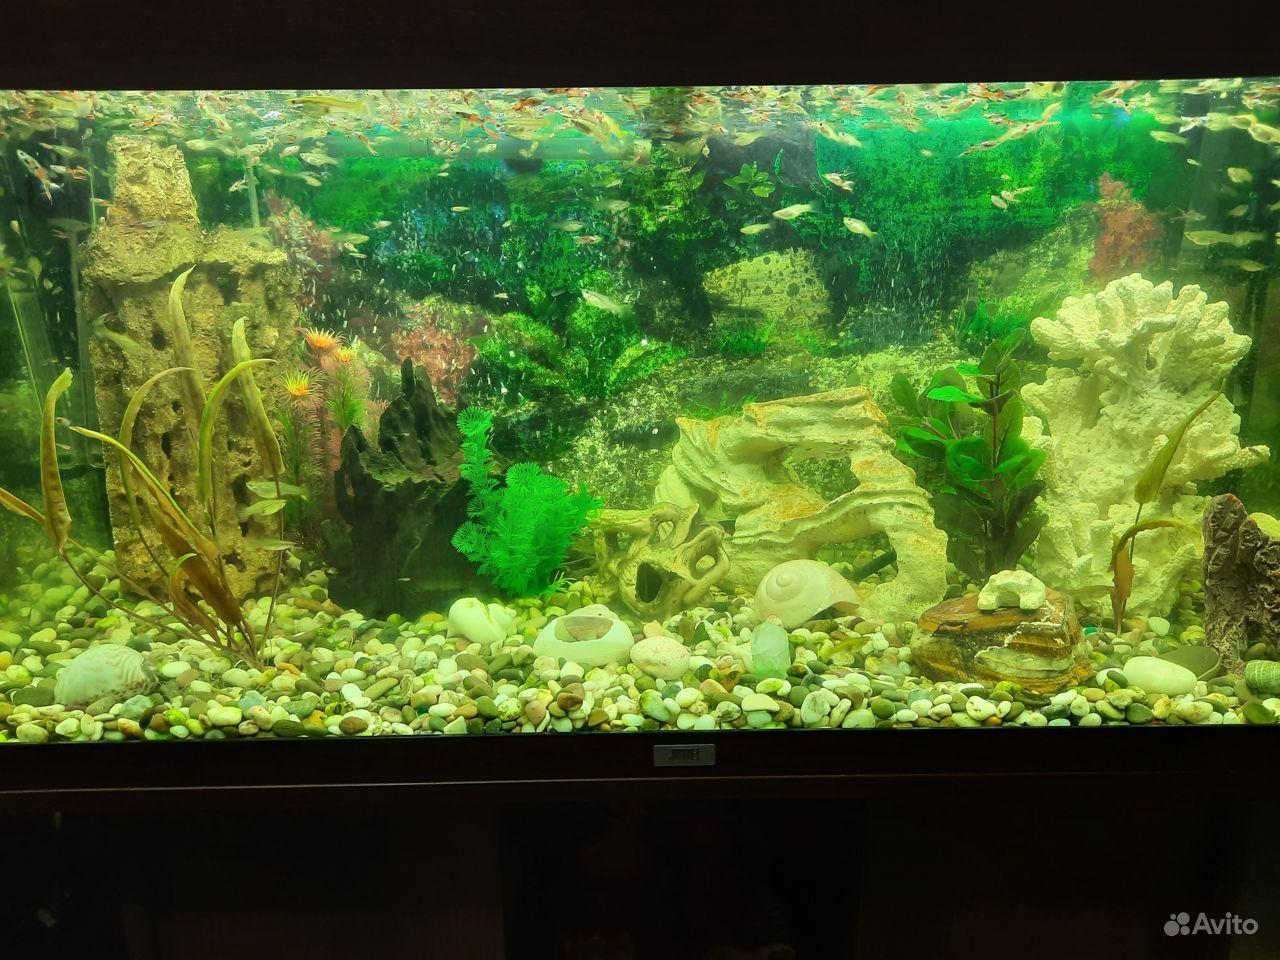 Аквариум juwel 180 литров с рыбками купить на Зозу.ру - фотография № 2